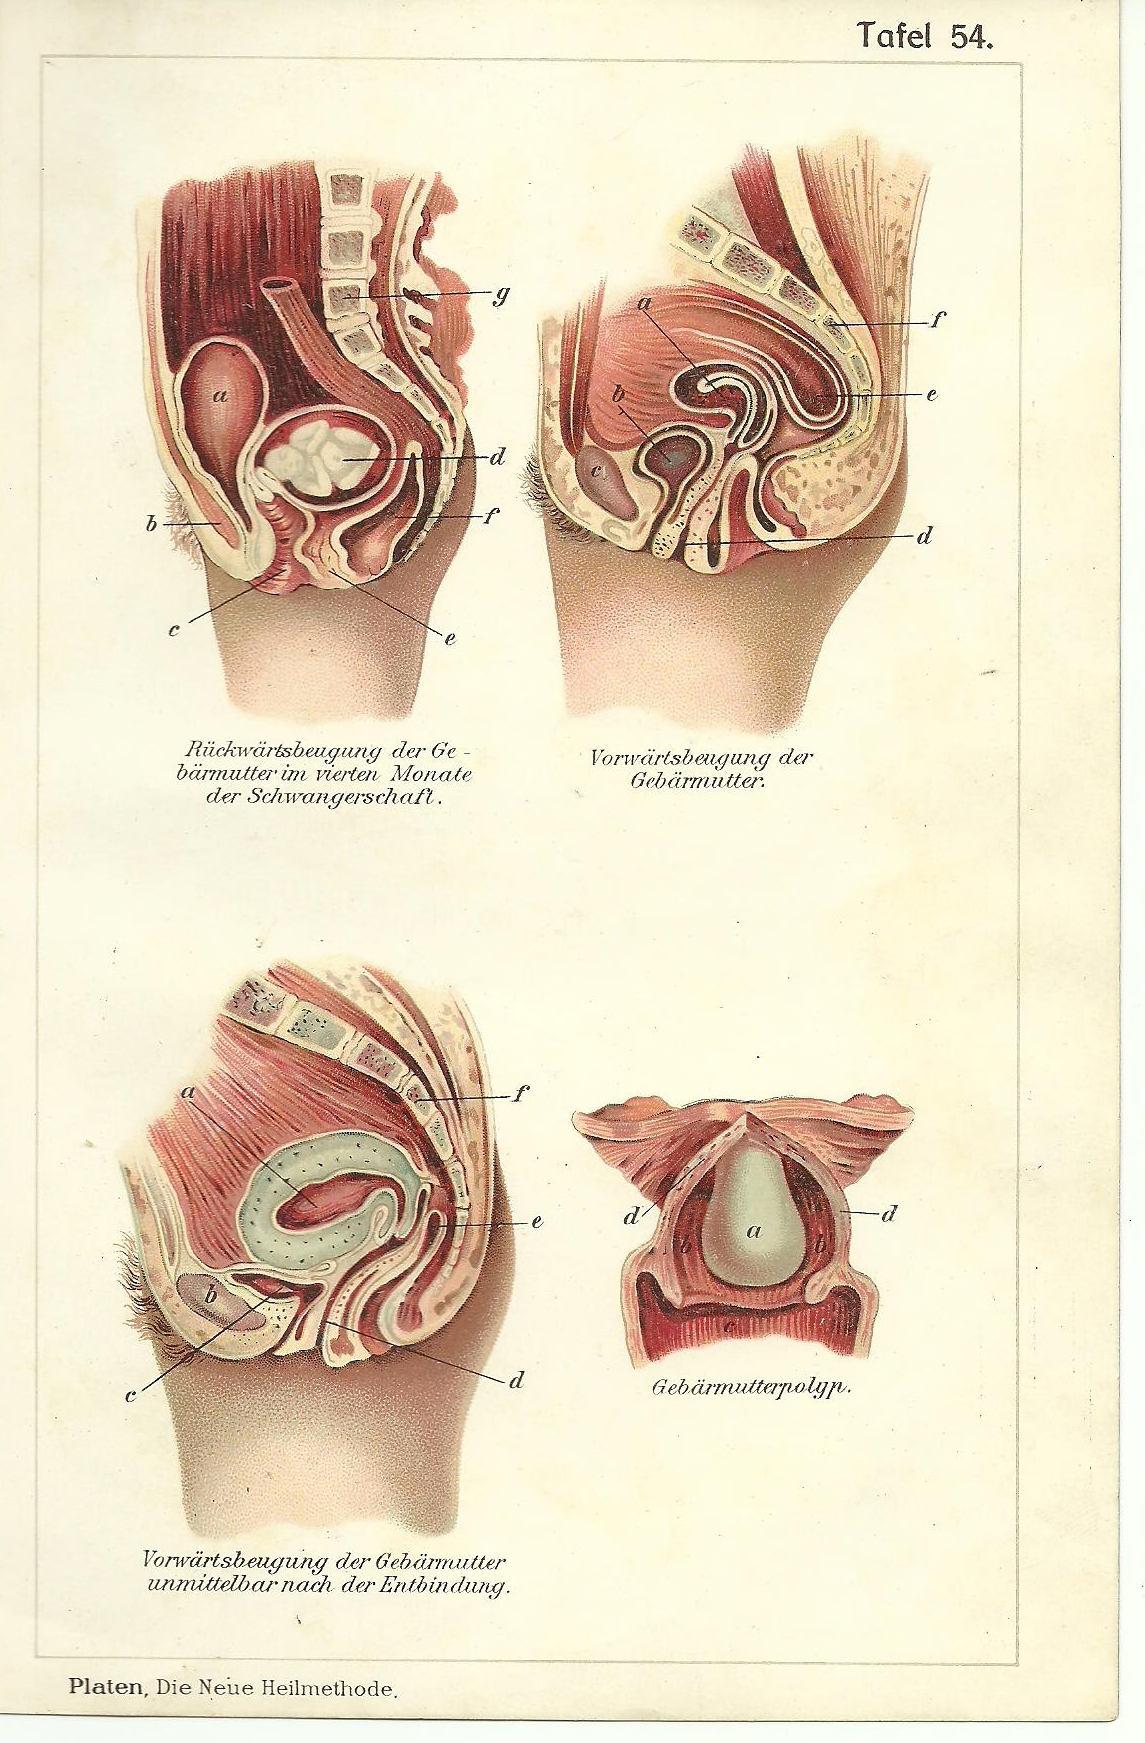 Scheide anatomische Druck Vintage Illustration medizinische